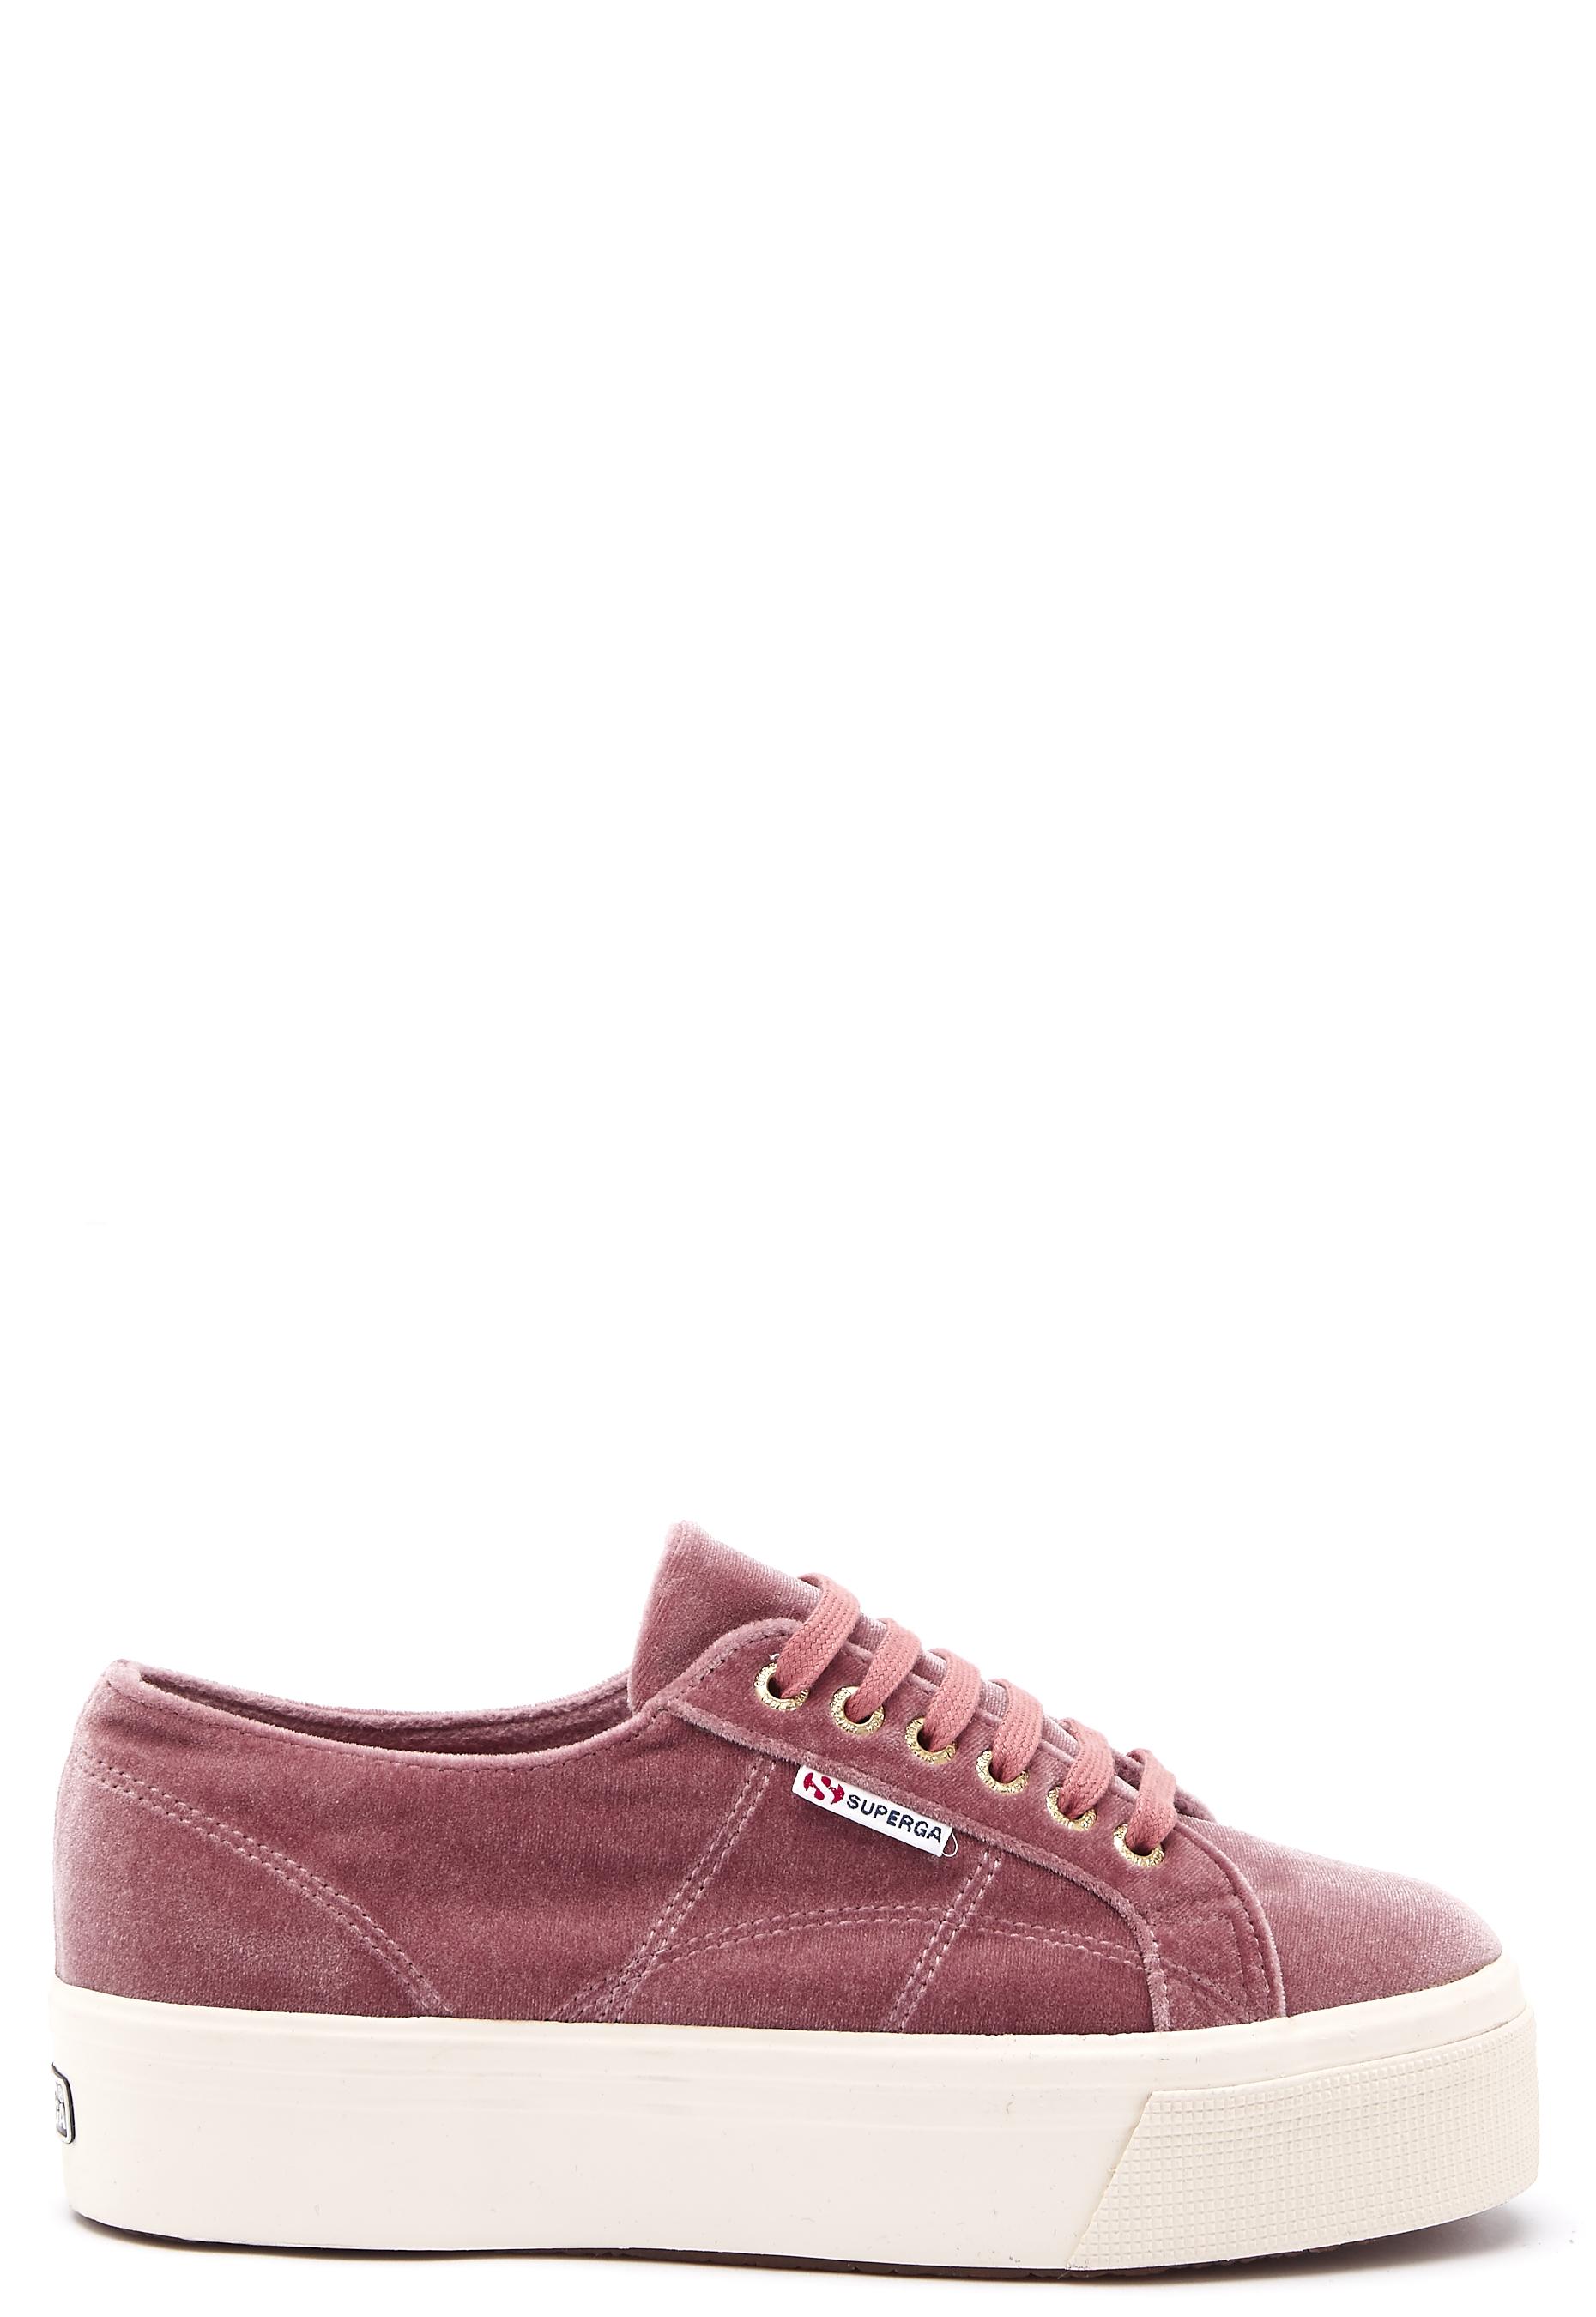 81e84523 Superga Velvet Sneakers Pink Dusty Rose - Bubbleroom